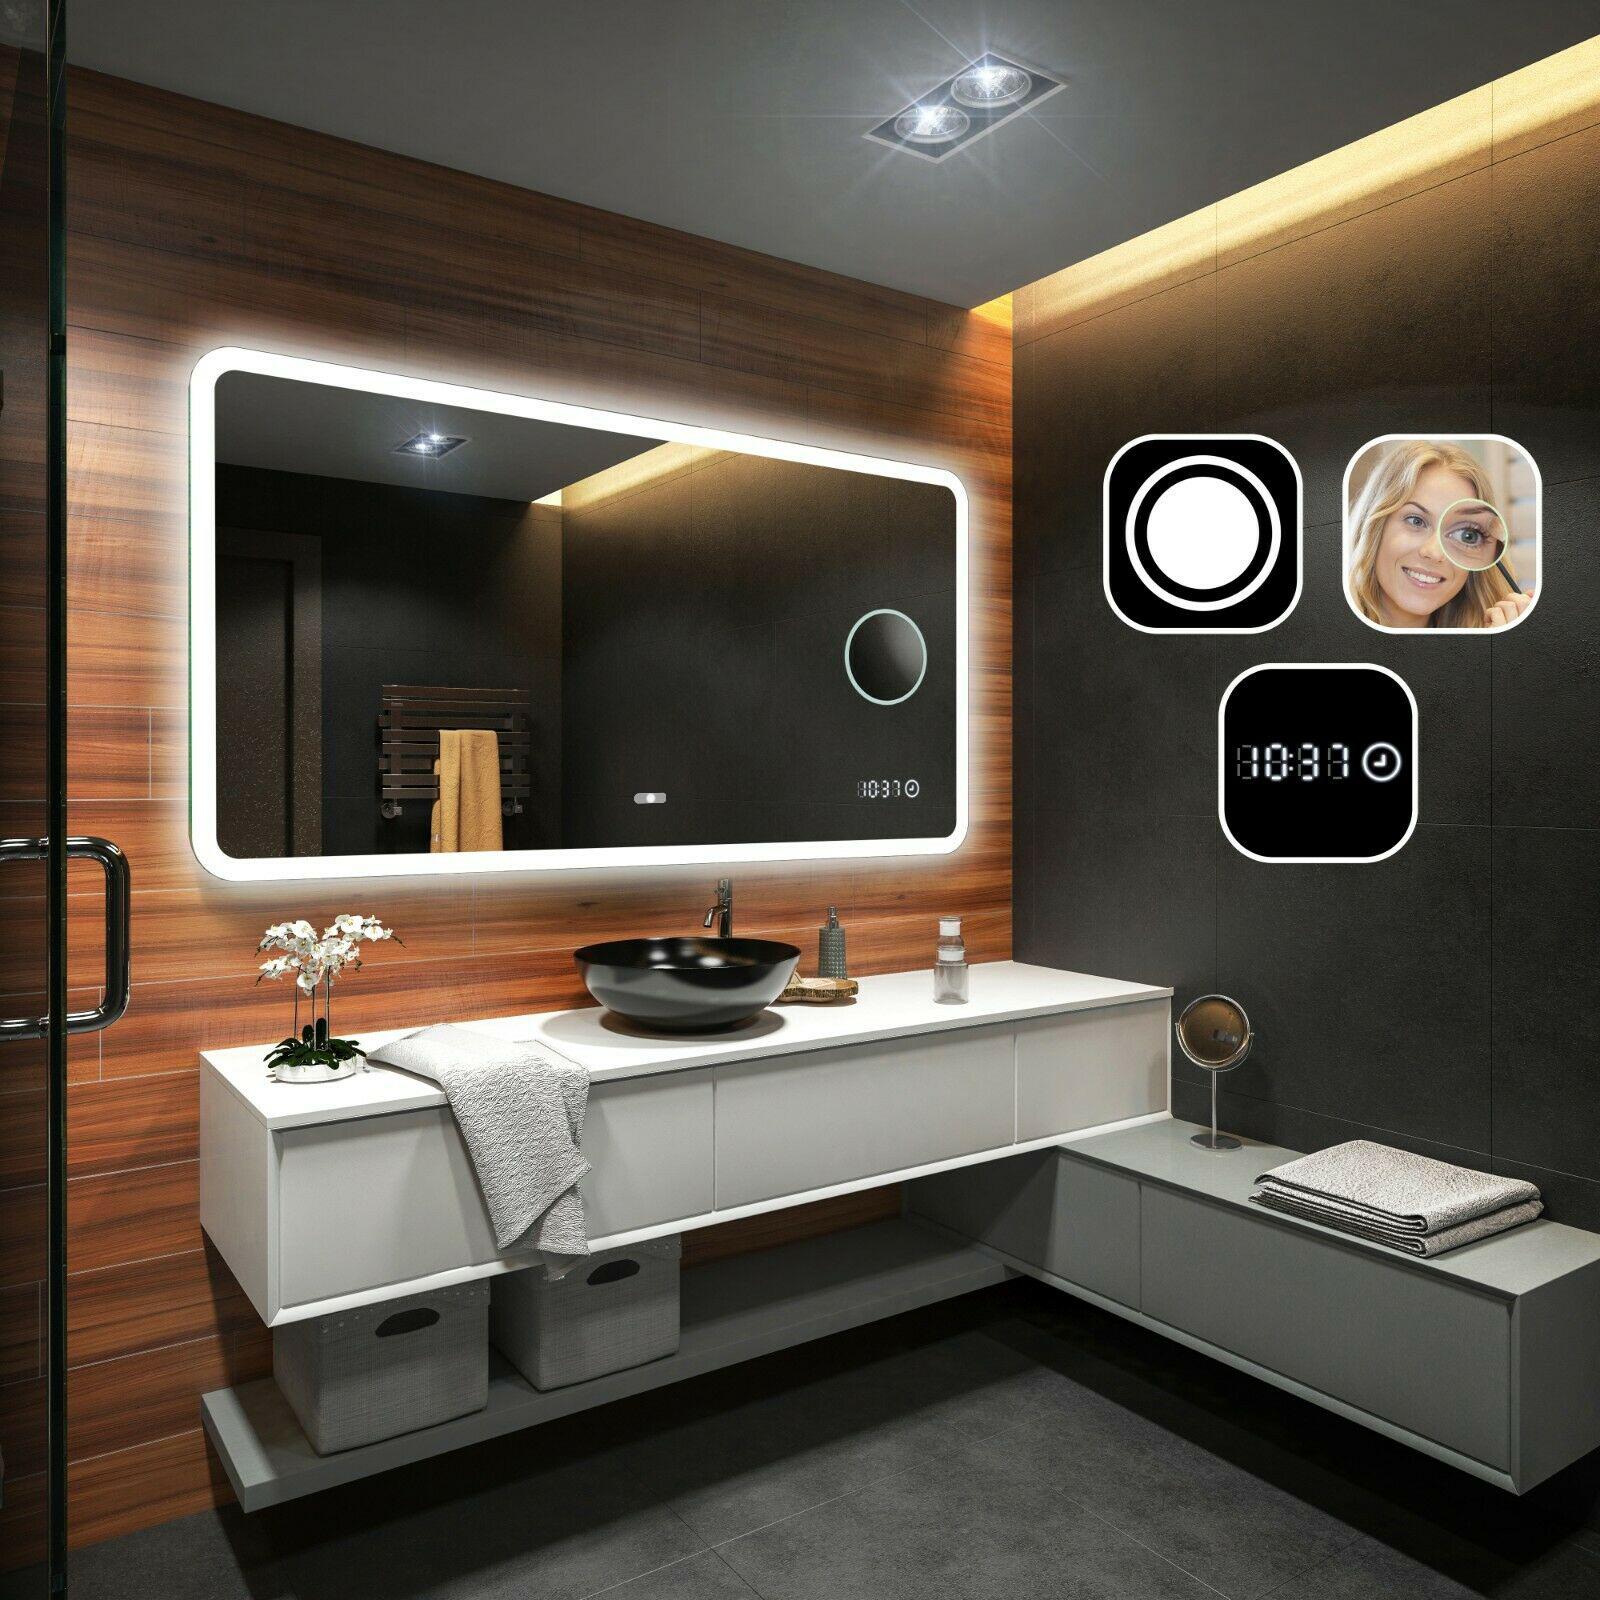 Miroir Salle De Bain Interrupteur